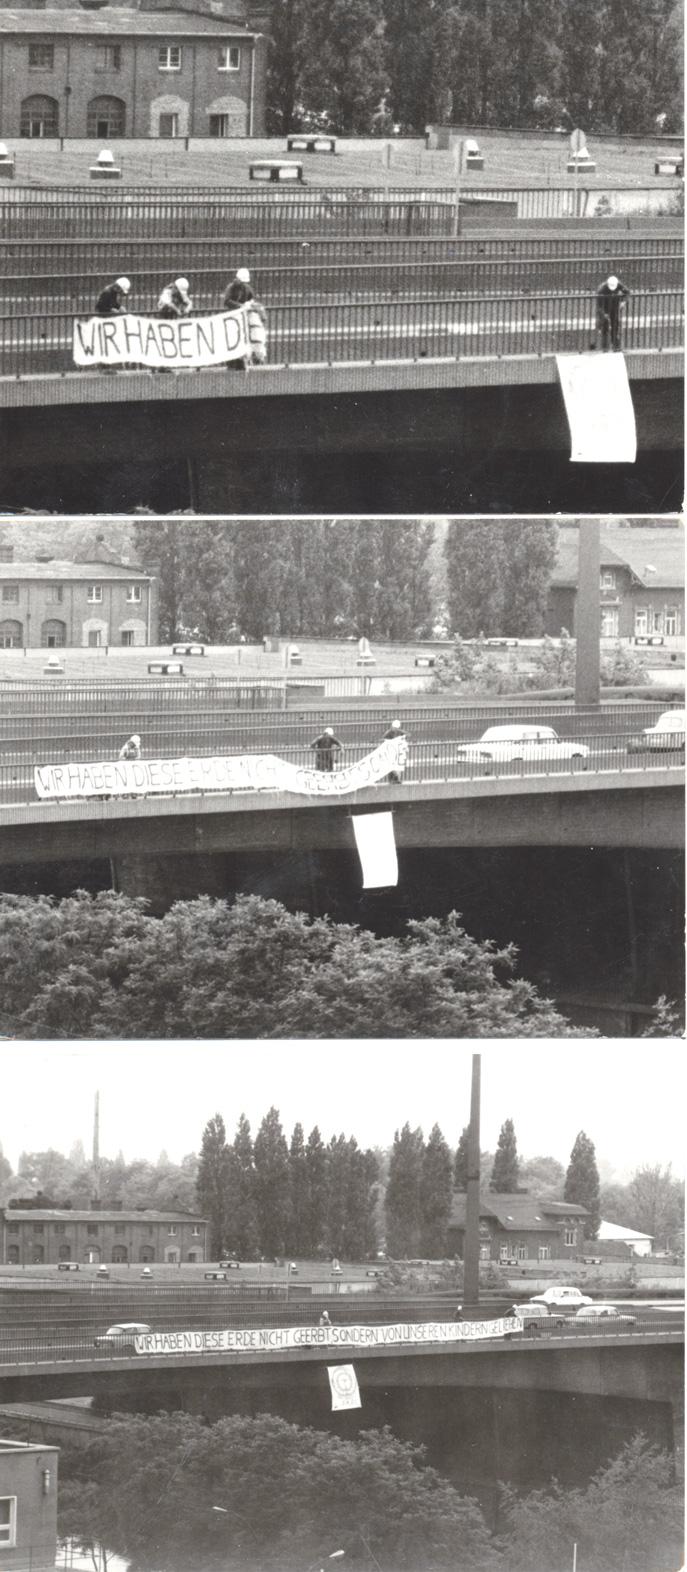 """Zur gleichen Zeit hängt eine zweite Gruppe, als Bauarbeiter getarnt, ein über 30 Meter langes Transparent an der Mansfelder Brücke auf. """"Wir haben die Erde nicht geerbt, sondern nur von unseren Kindern geliehen"""" prangt dort in großen Lettern. (Fotos: Andreas Baumgartner)."""